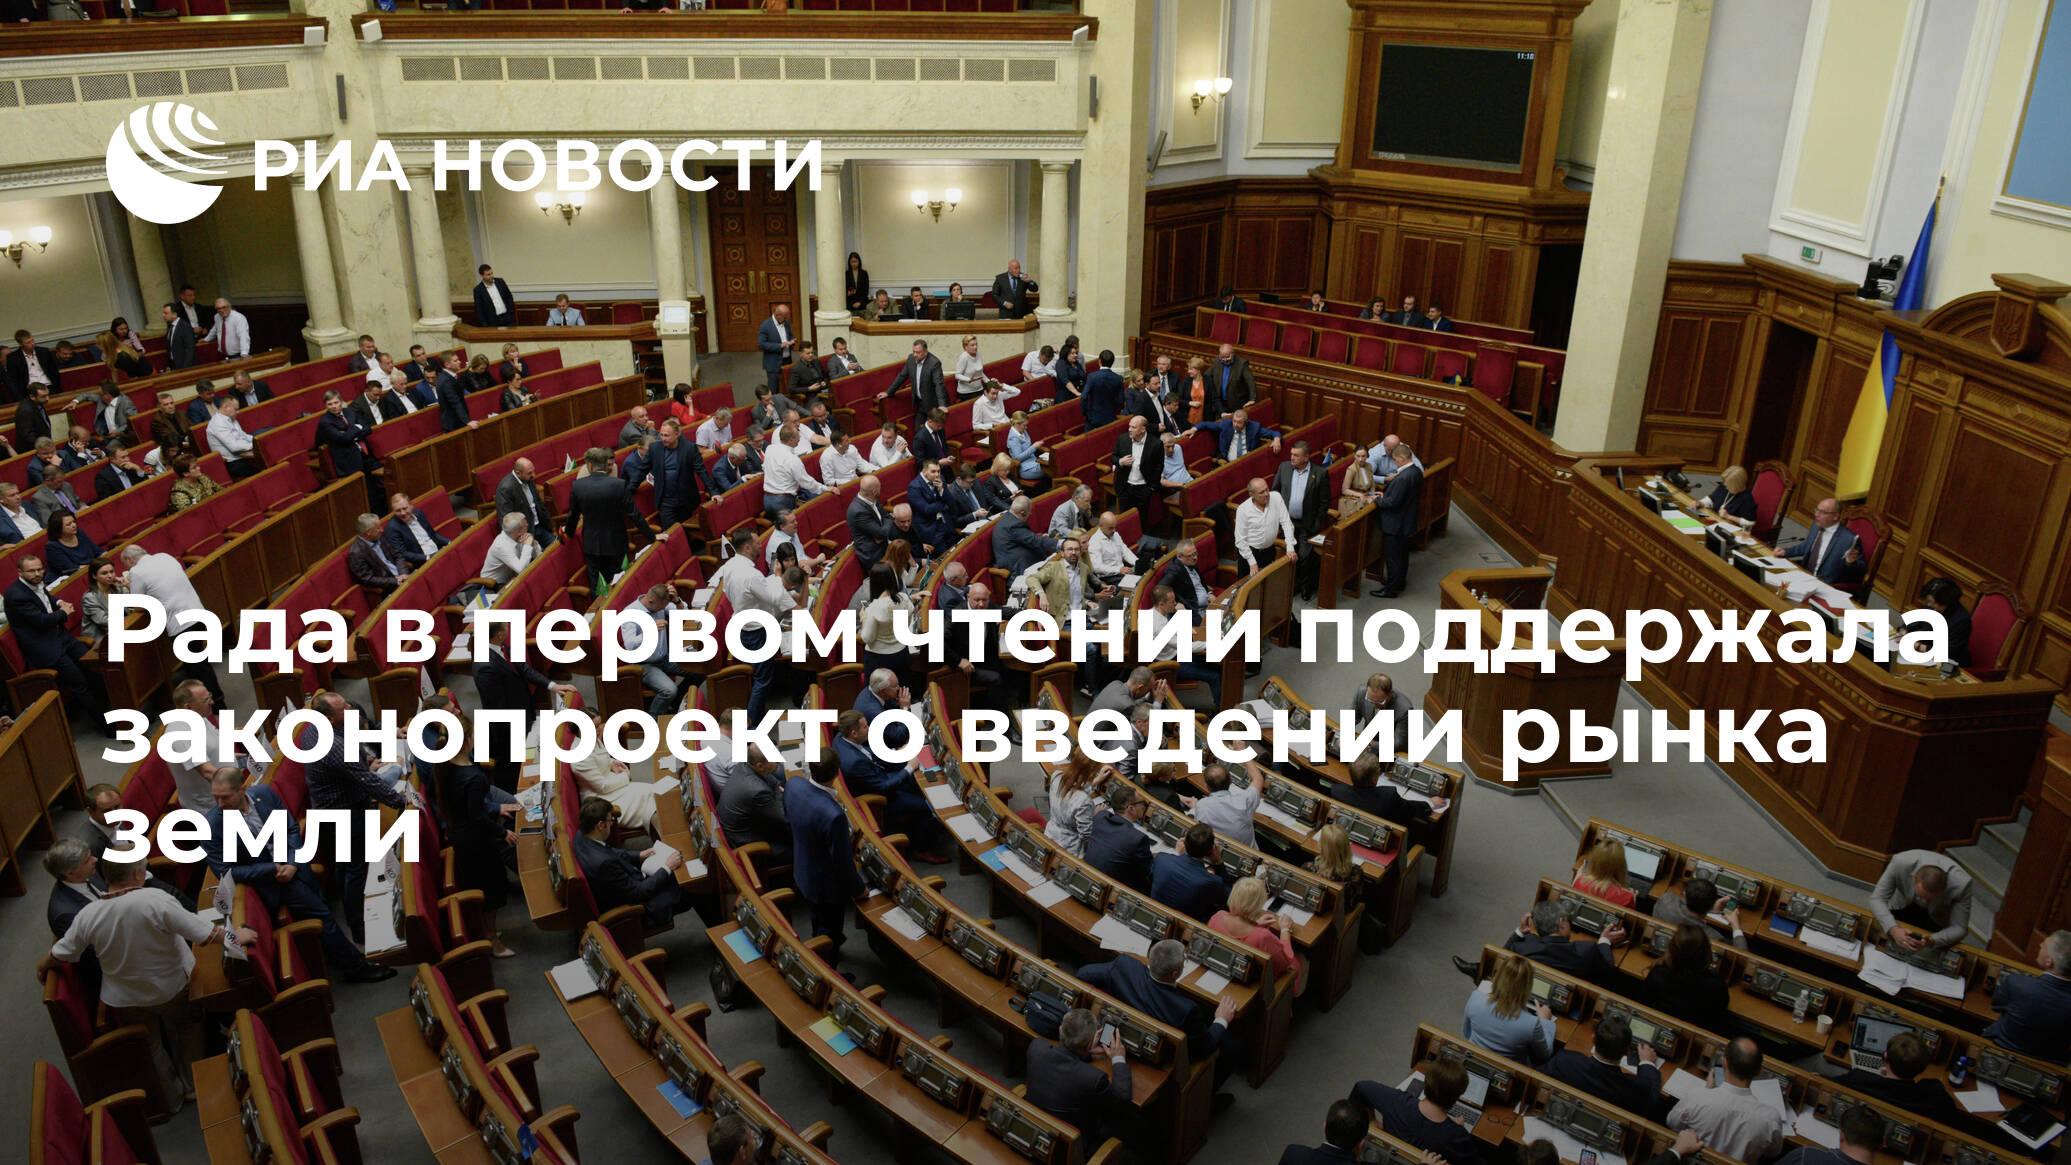 Рада в первом чтении поддержала законопроект о введении рынка земли